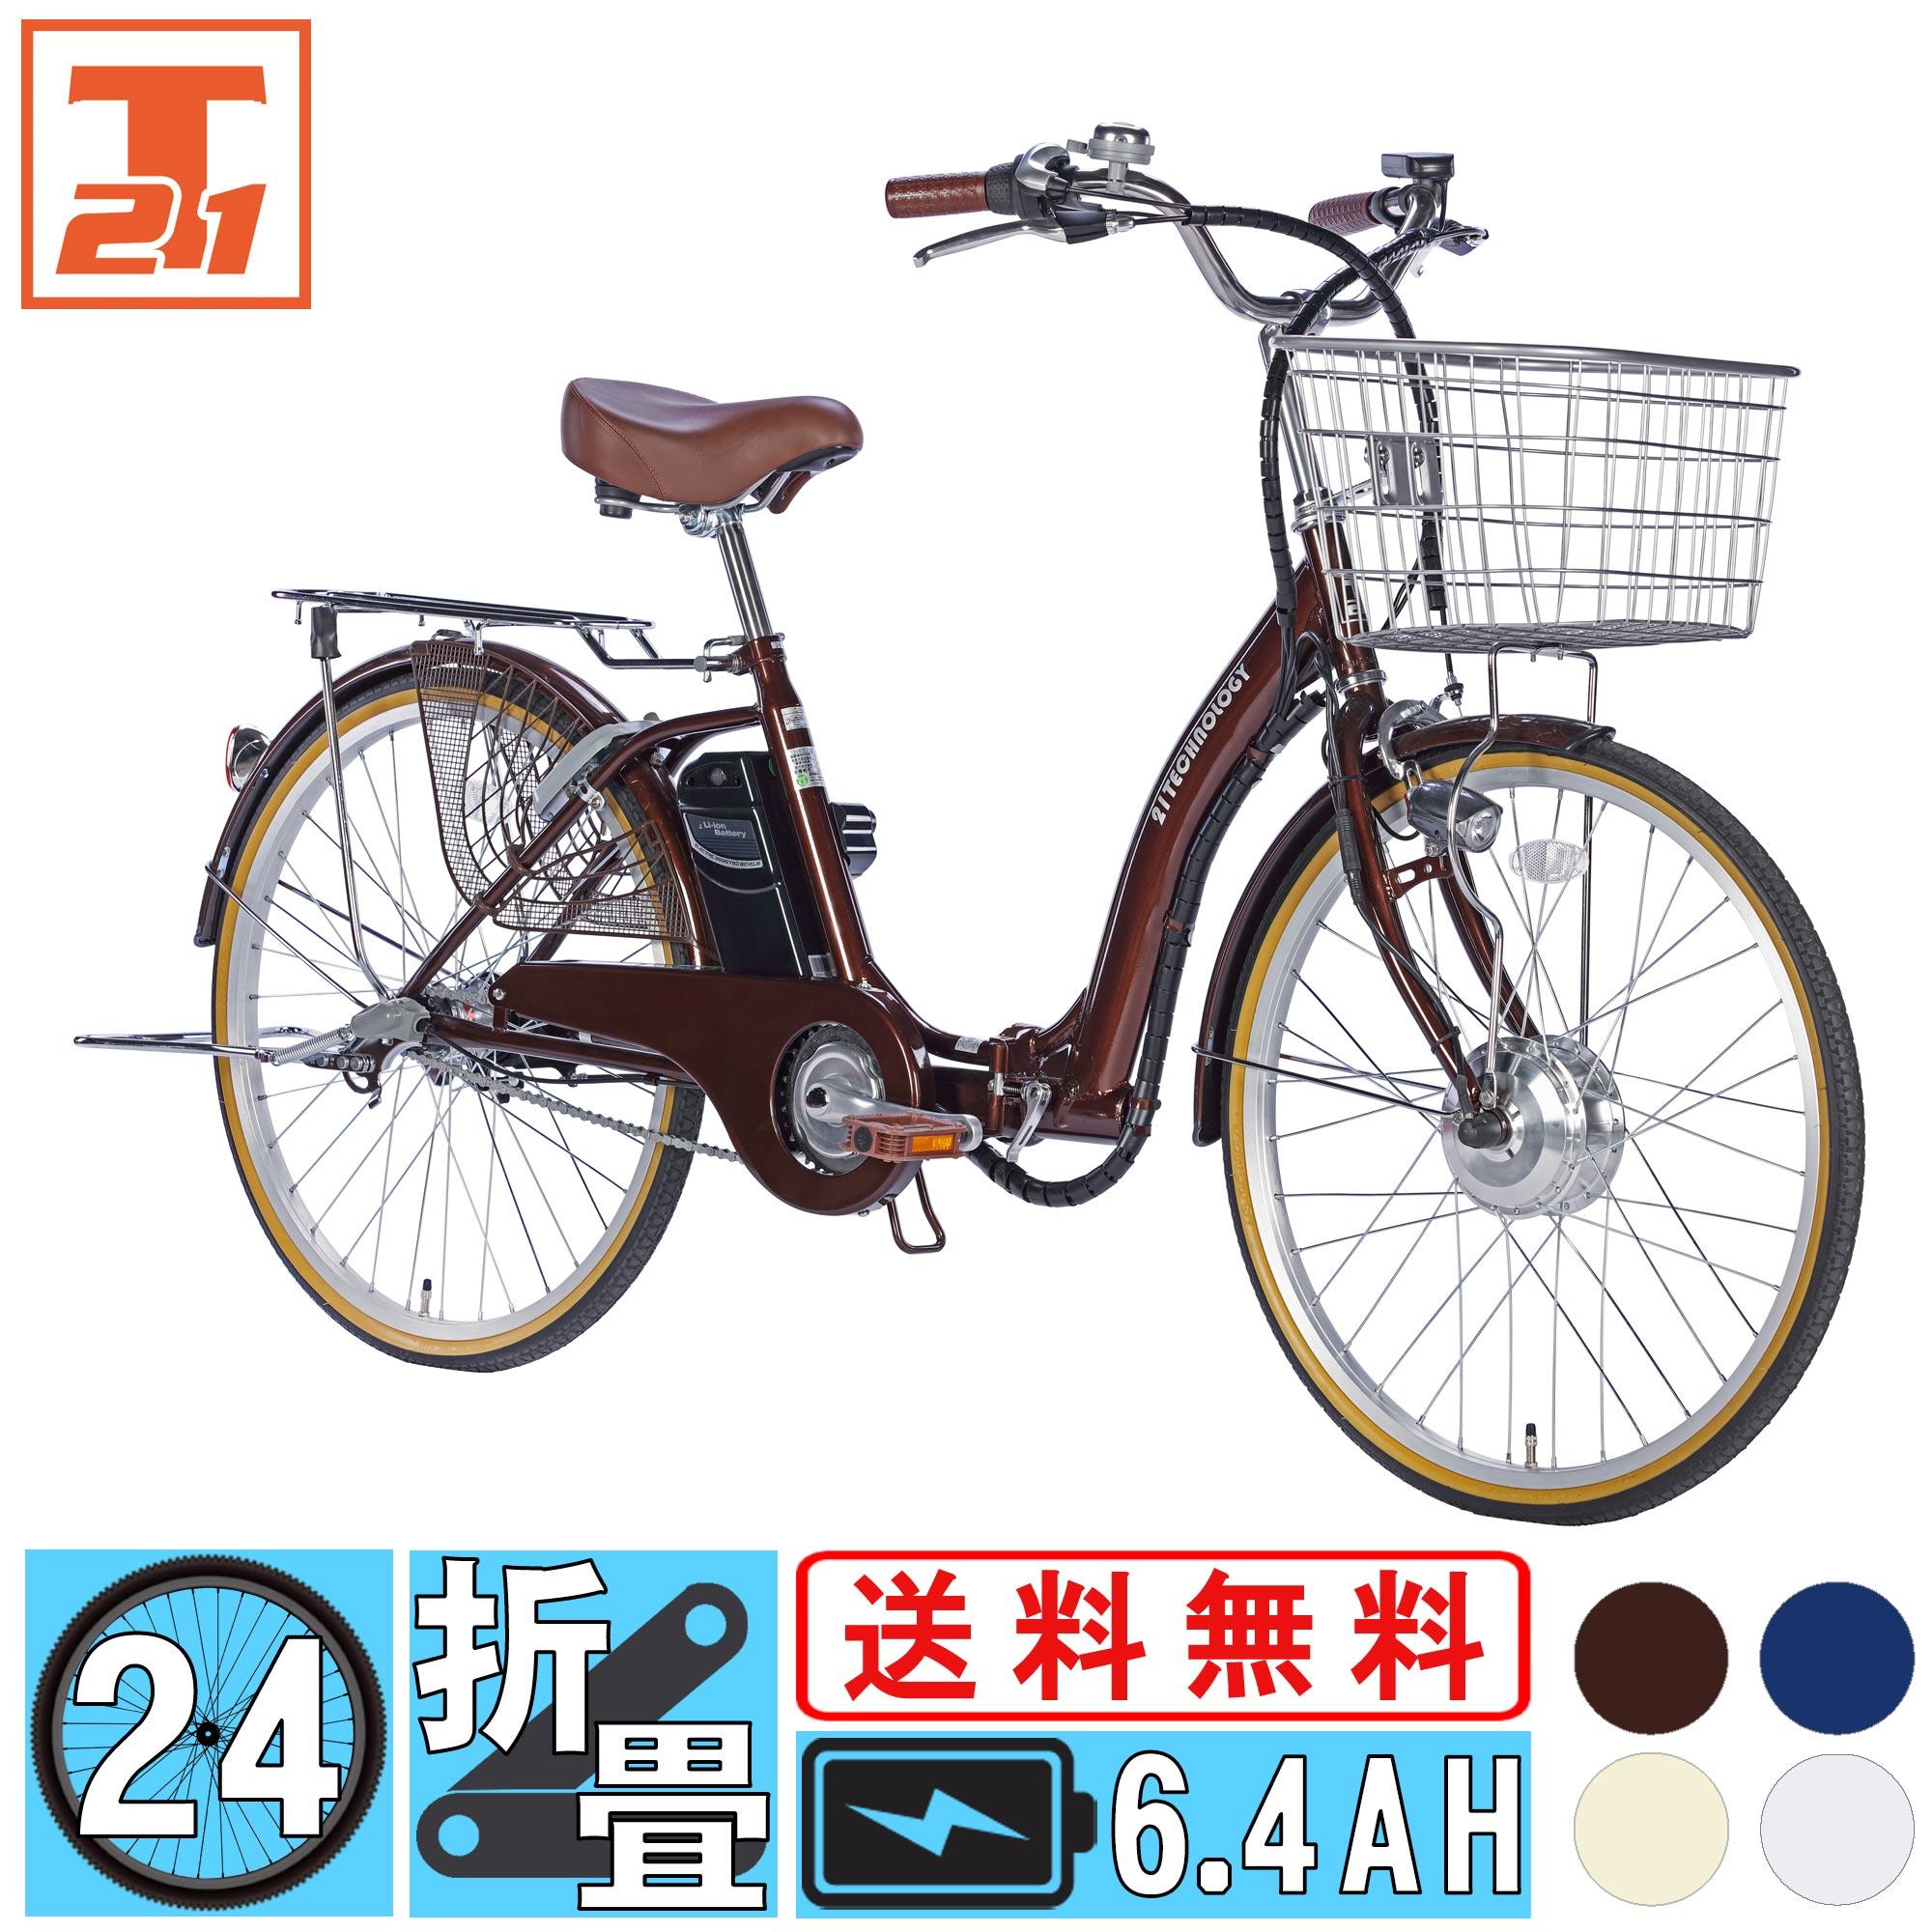 自転車・サイクリング, 電動アシスト自転車 18522 3 24 DA243